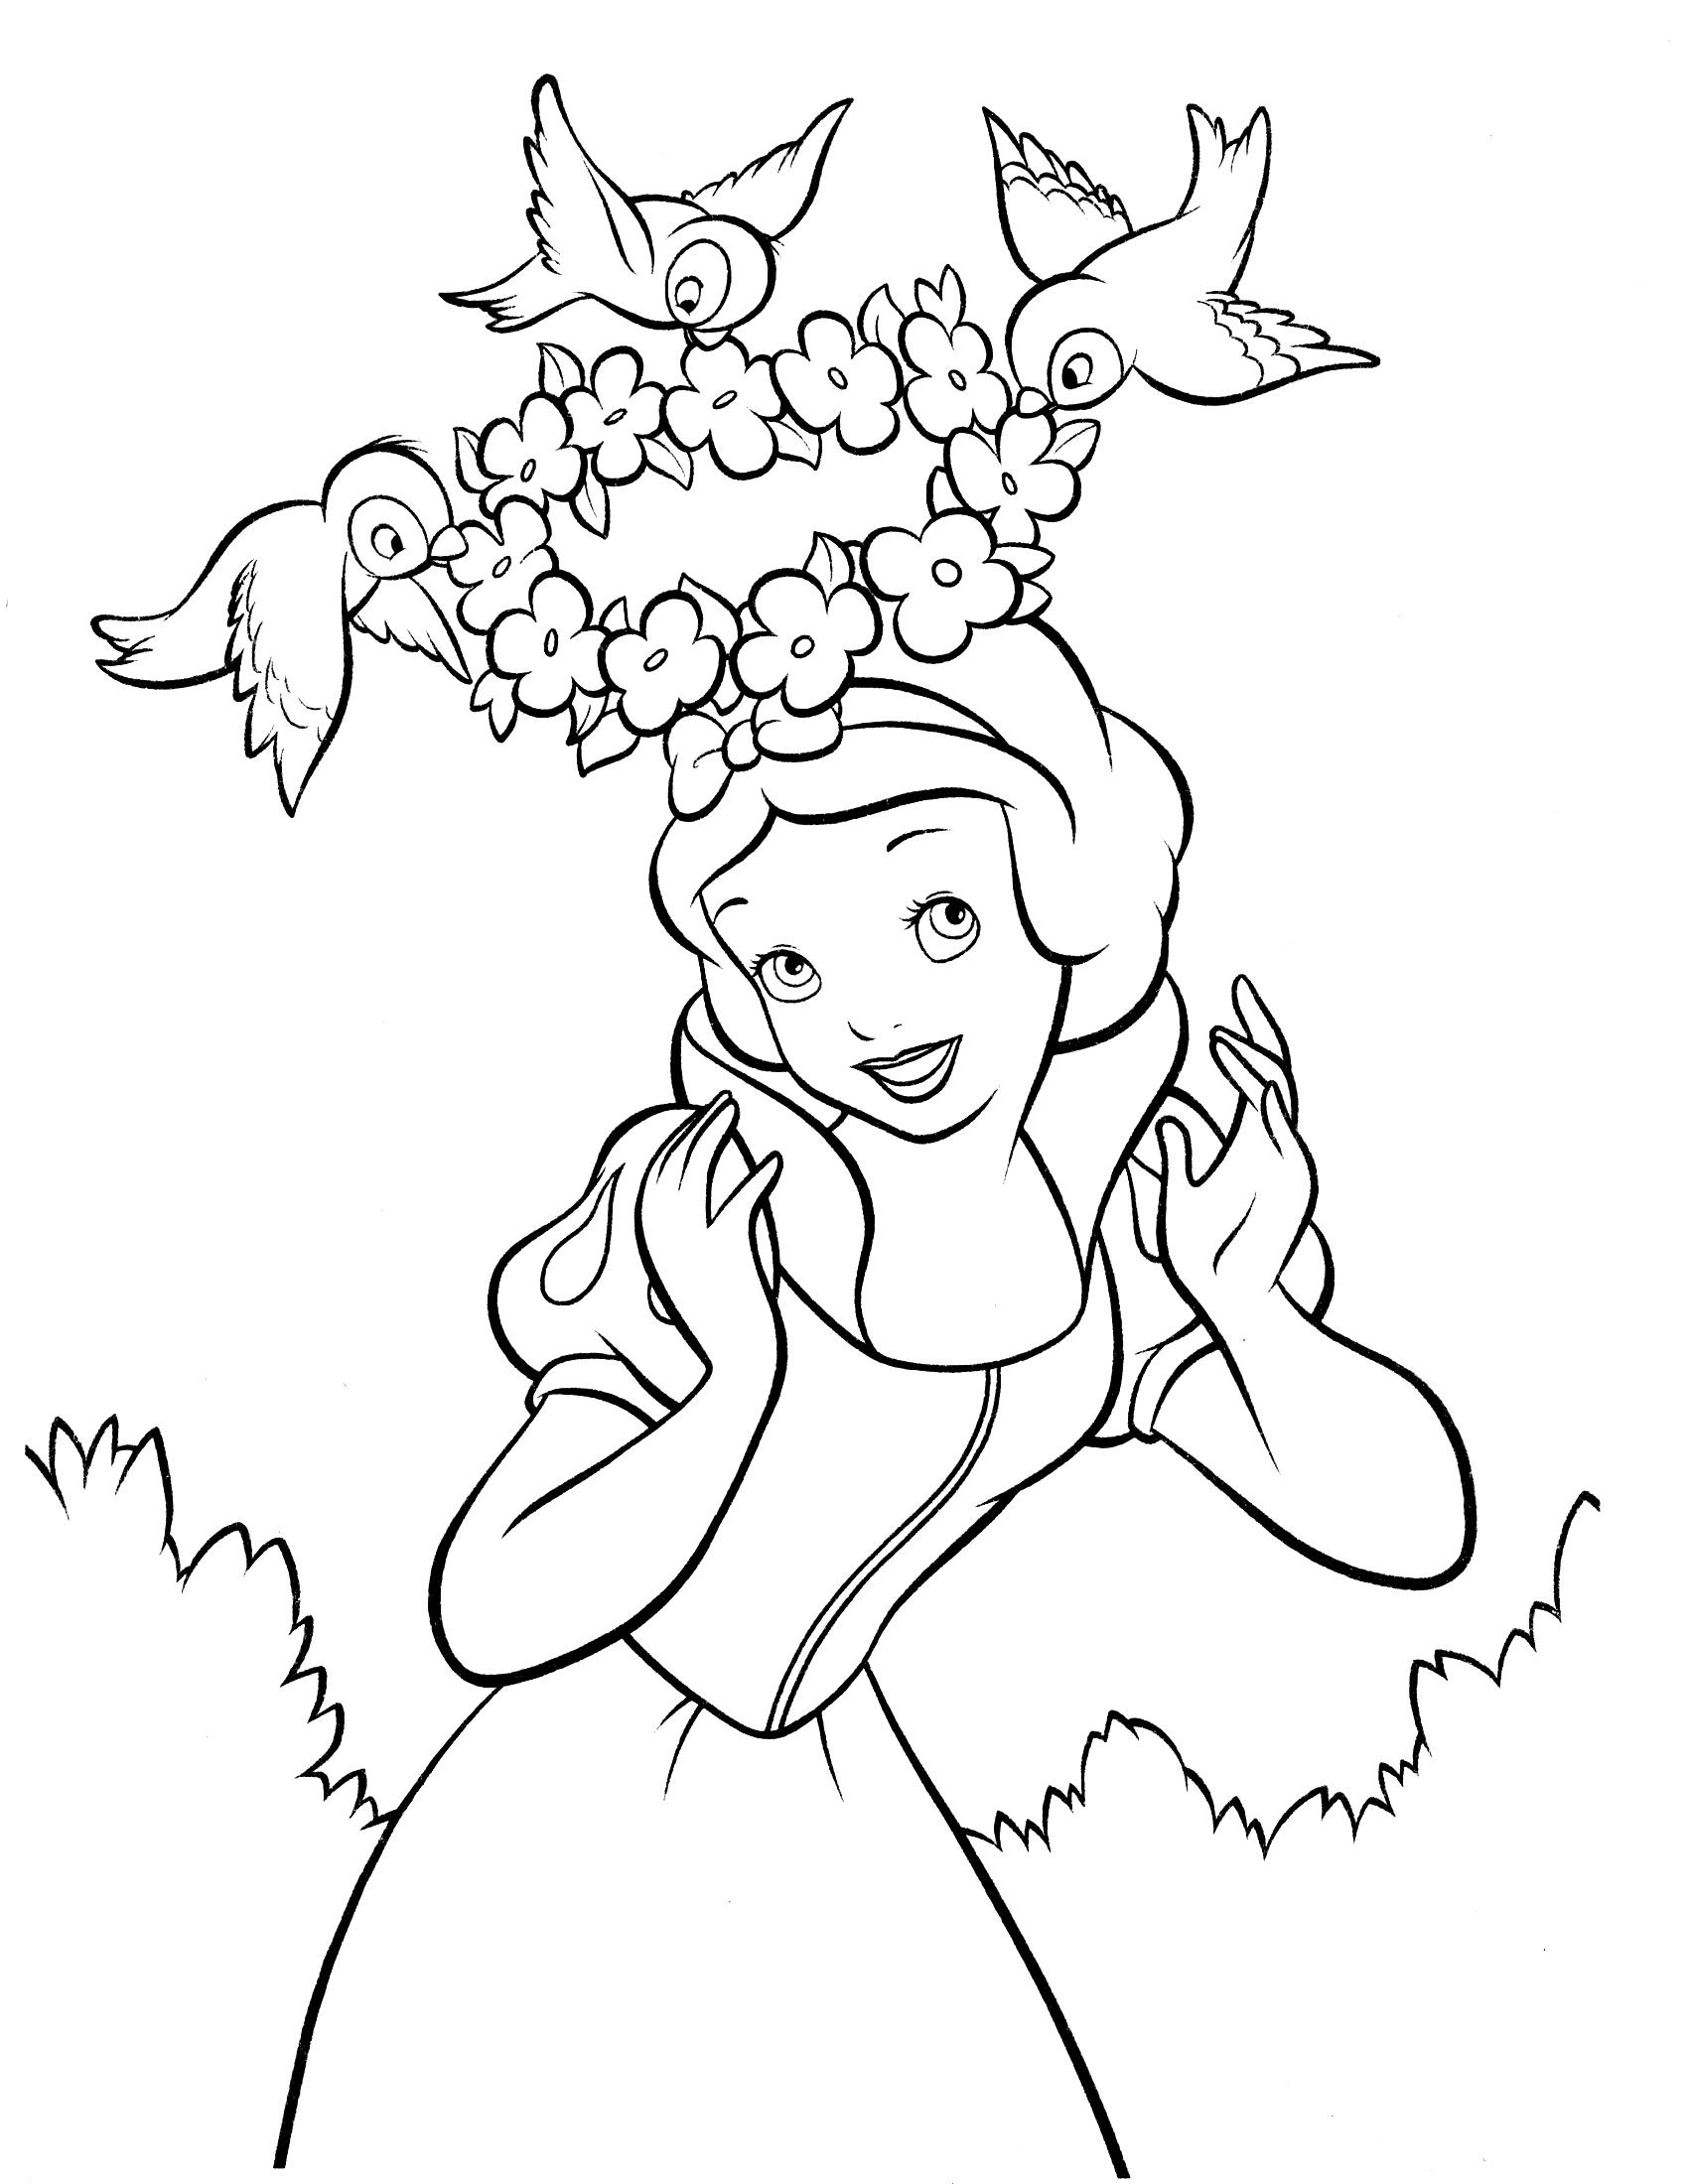 Tranh tô màu công chúa bạch tuyết dễ thương nhất